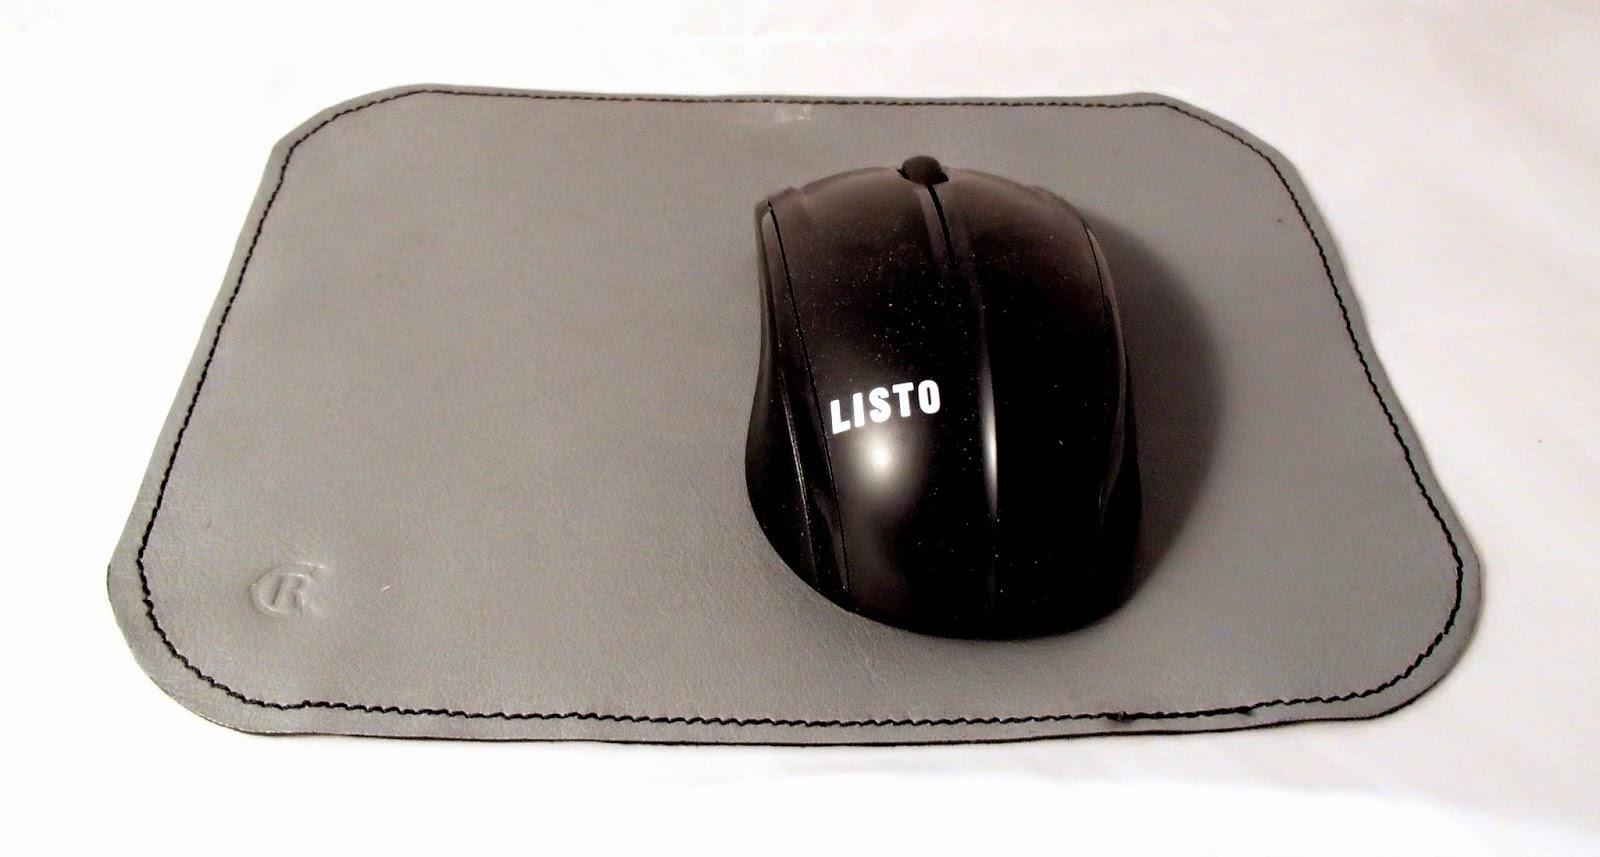 Tapis de souris avec souris dessus